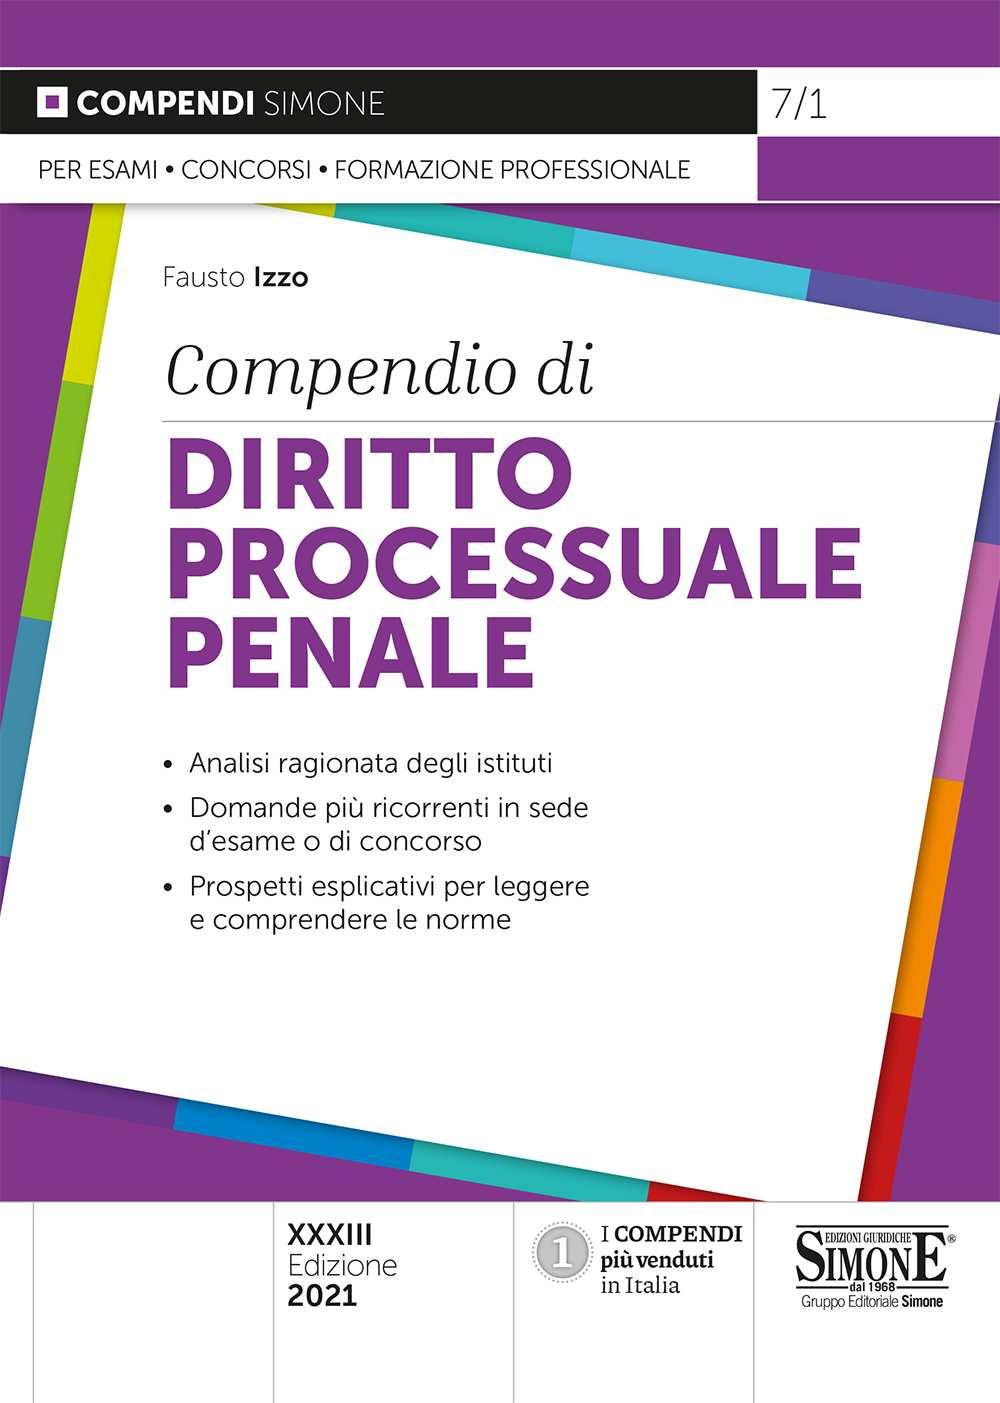 Compendio Diritto Processuale Penale